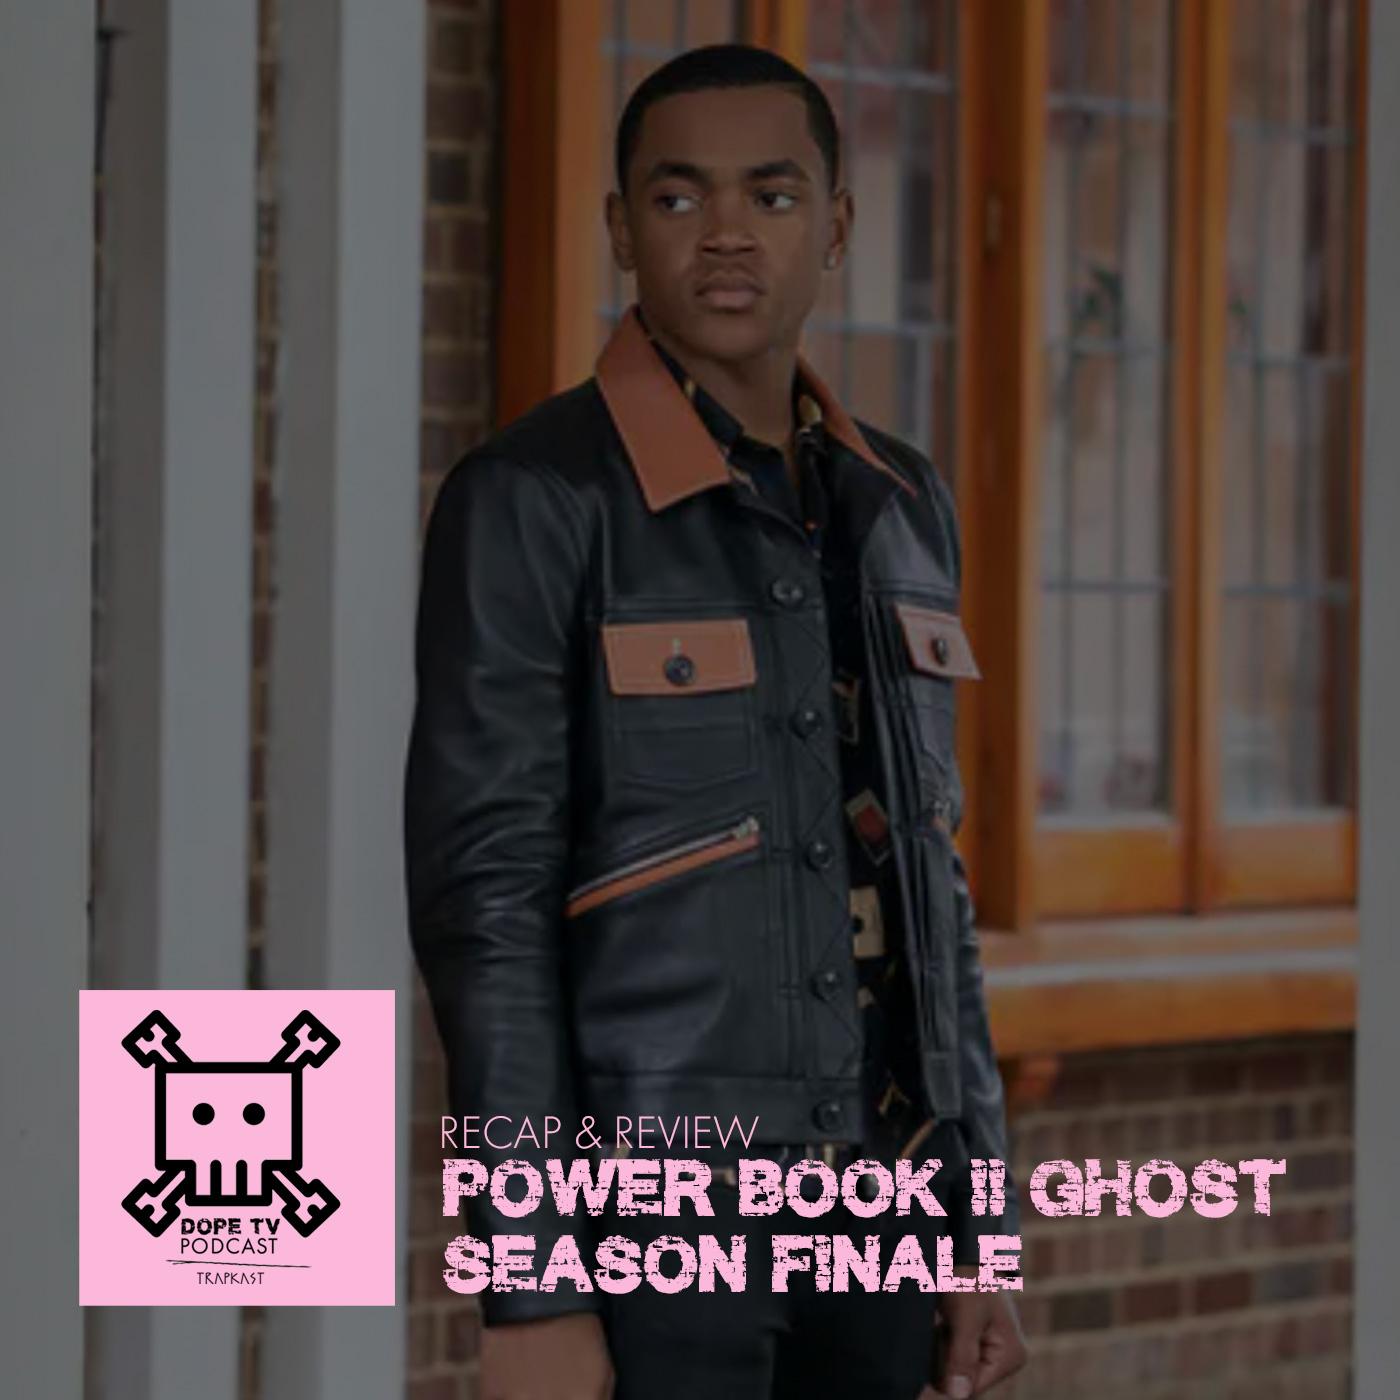 Power Book II: Finale